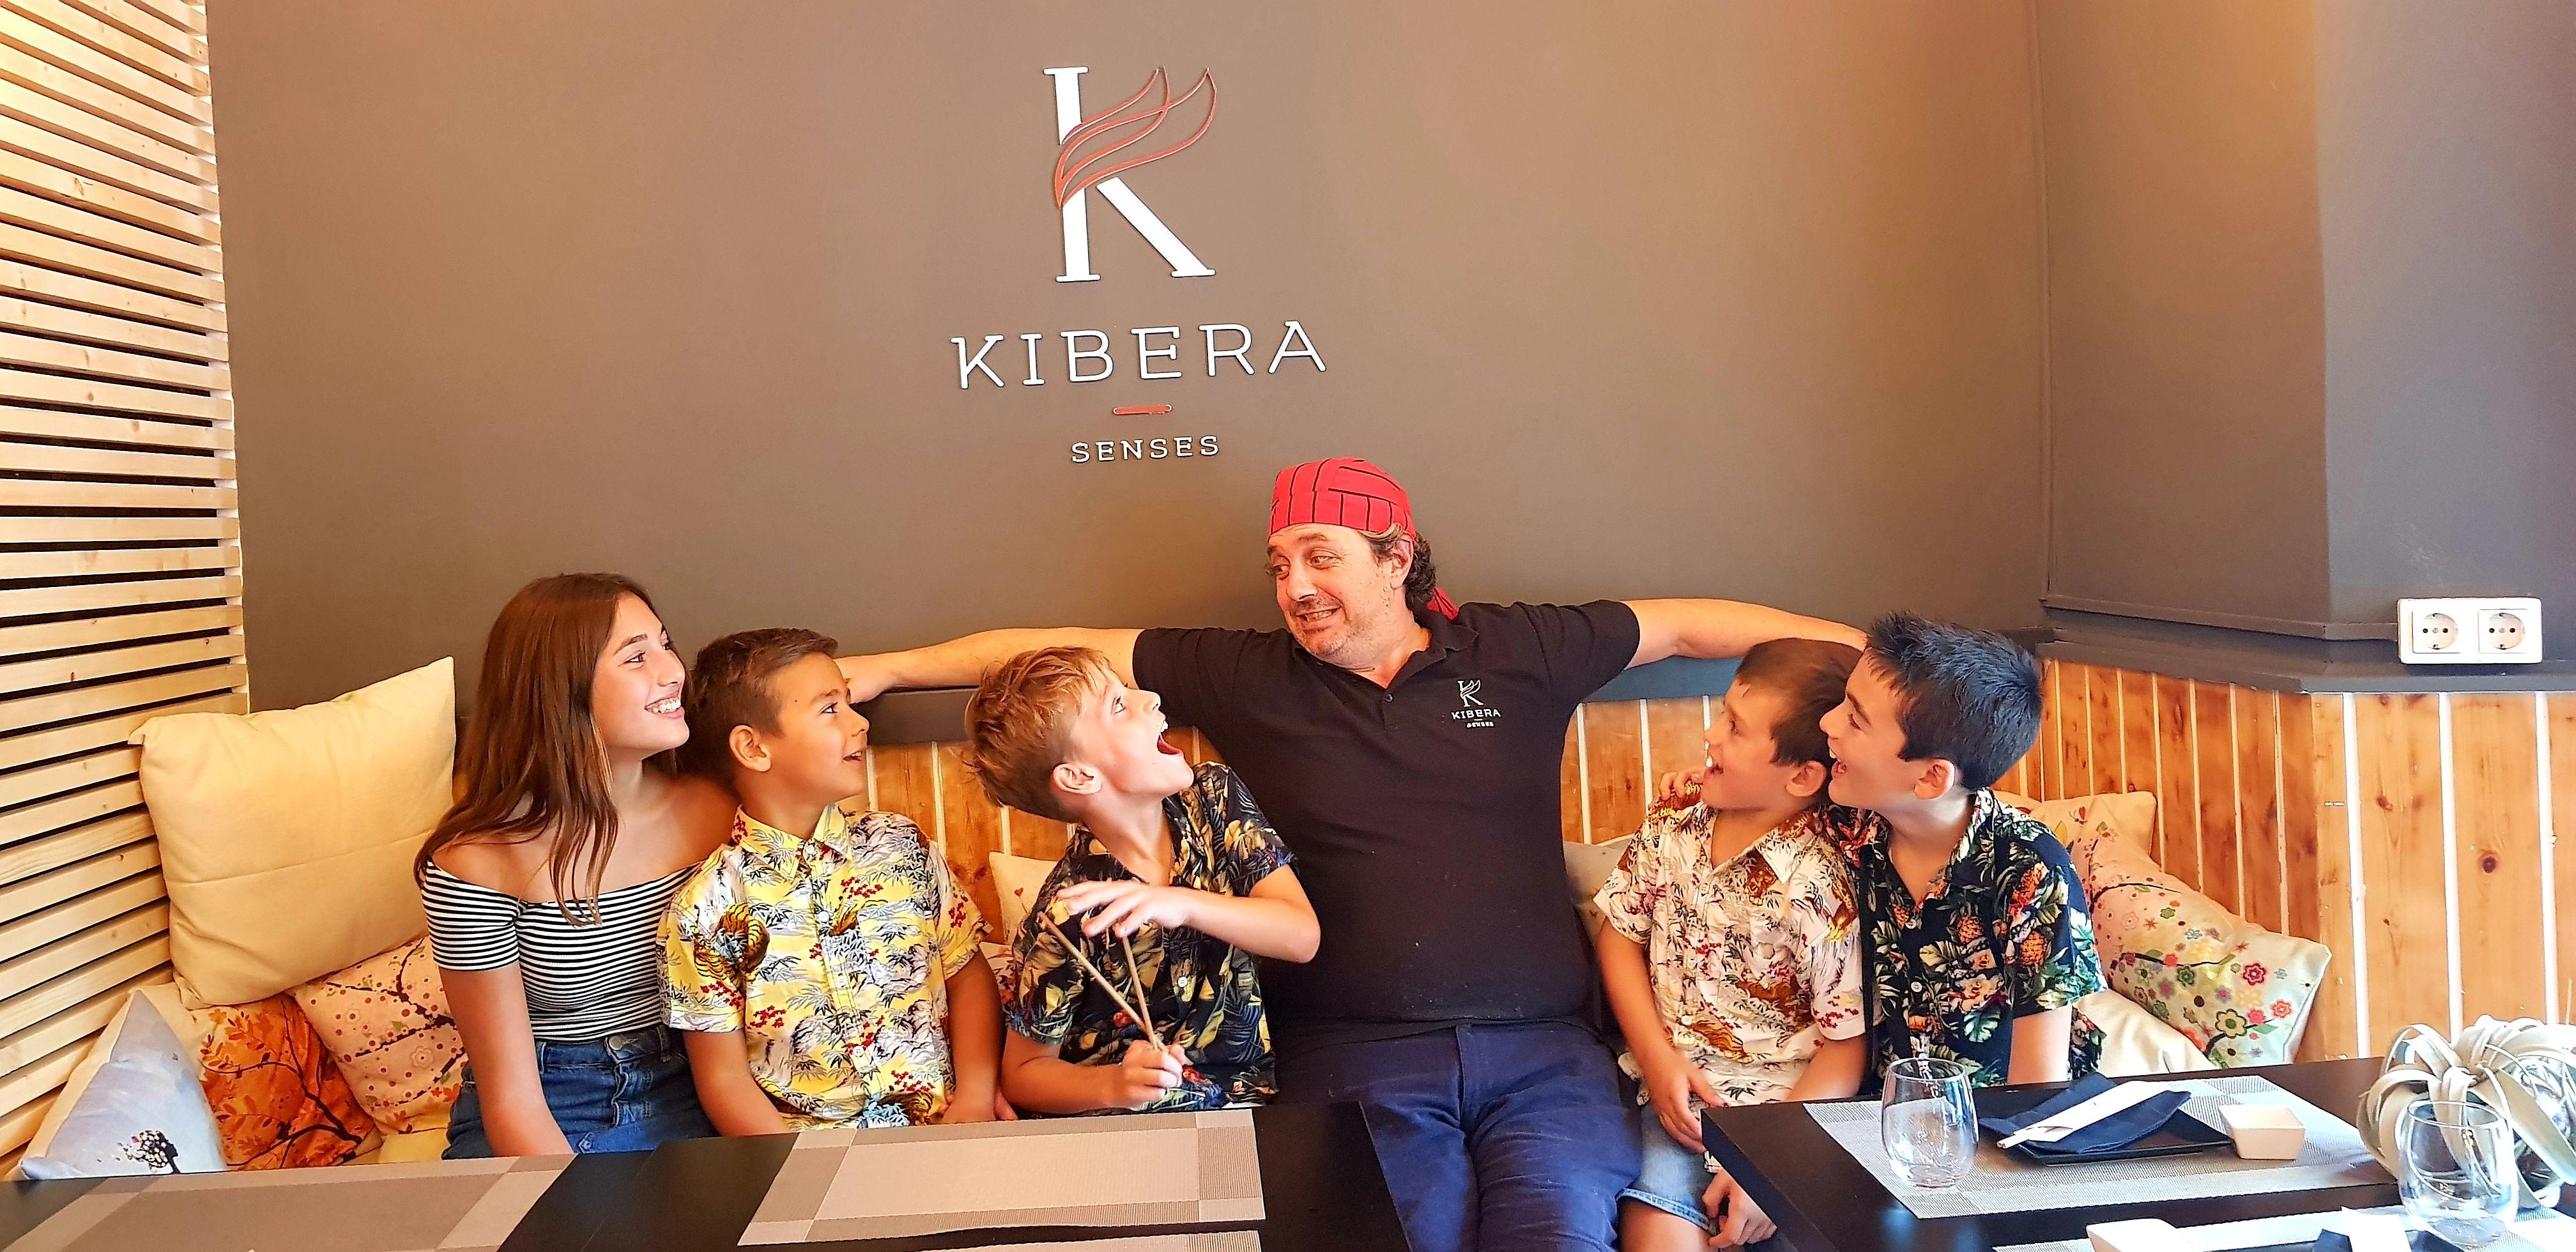 Foto 20 de Cocina japonesa en  | Kibera Senses